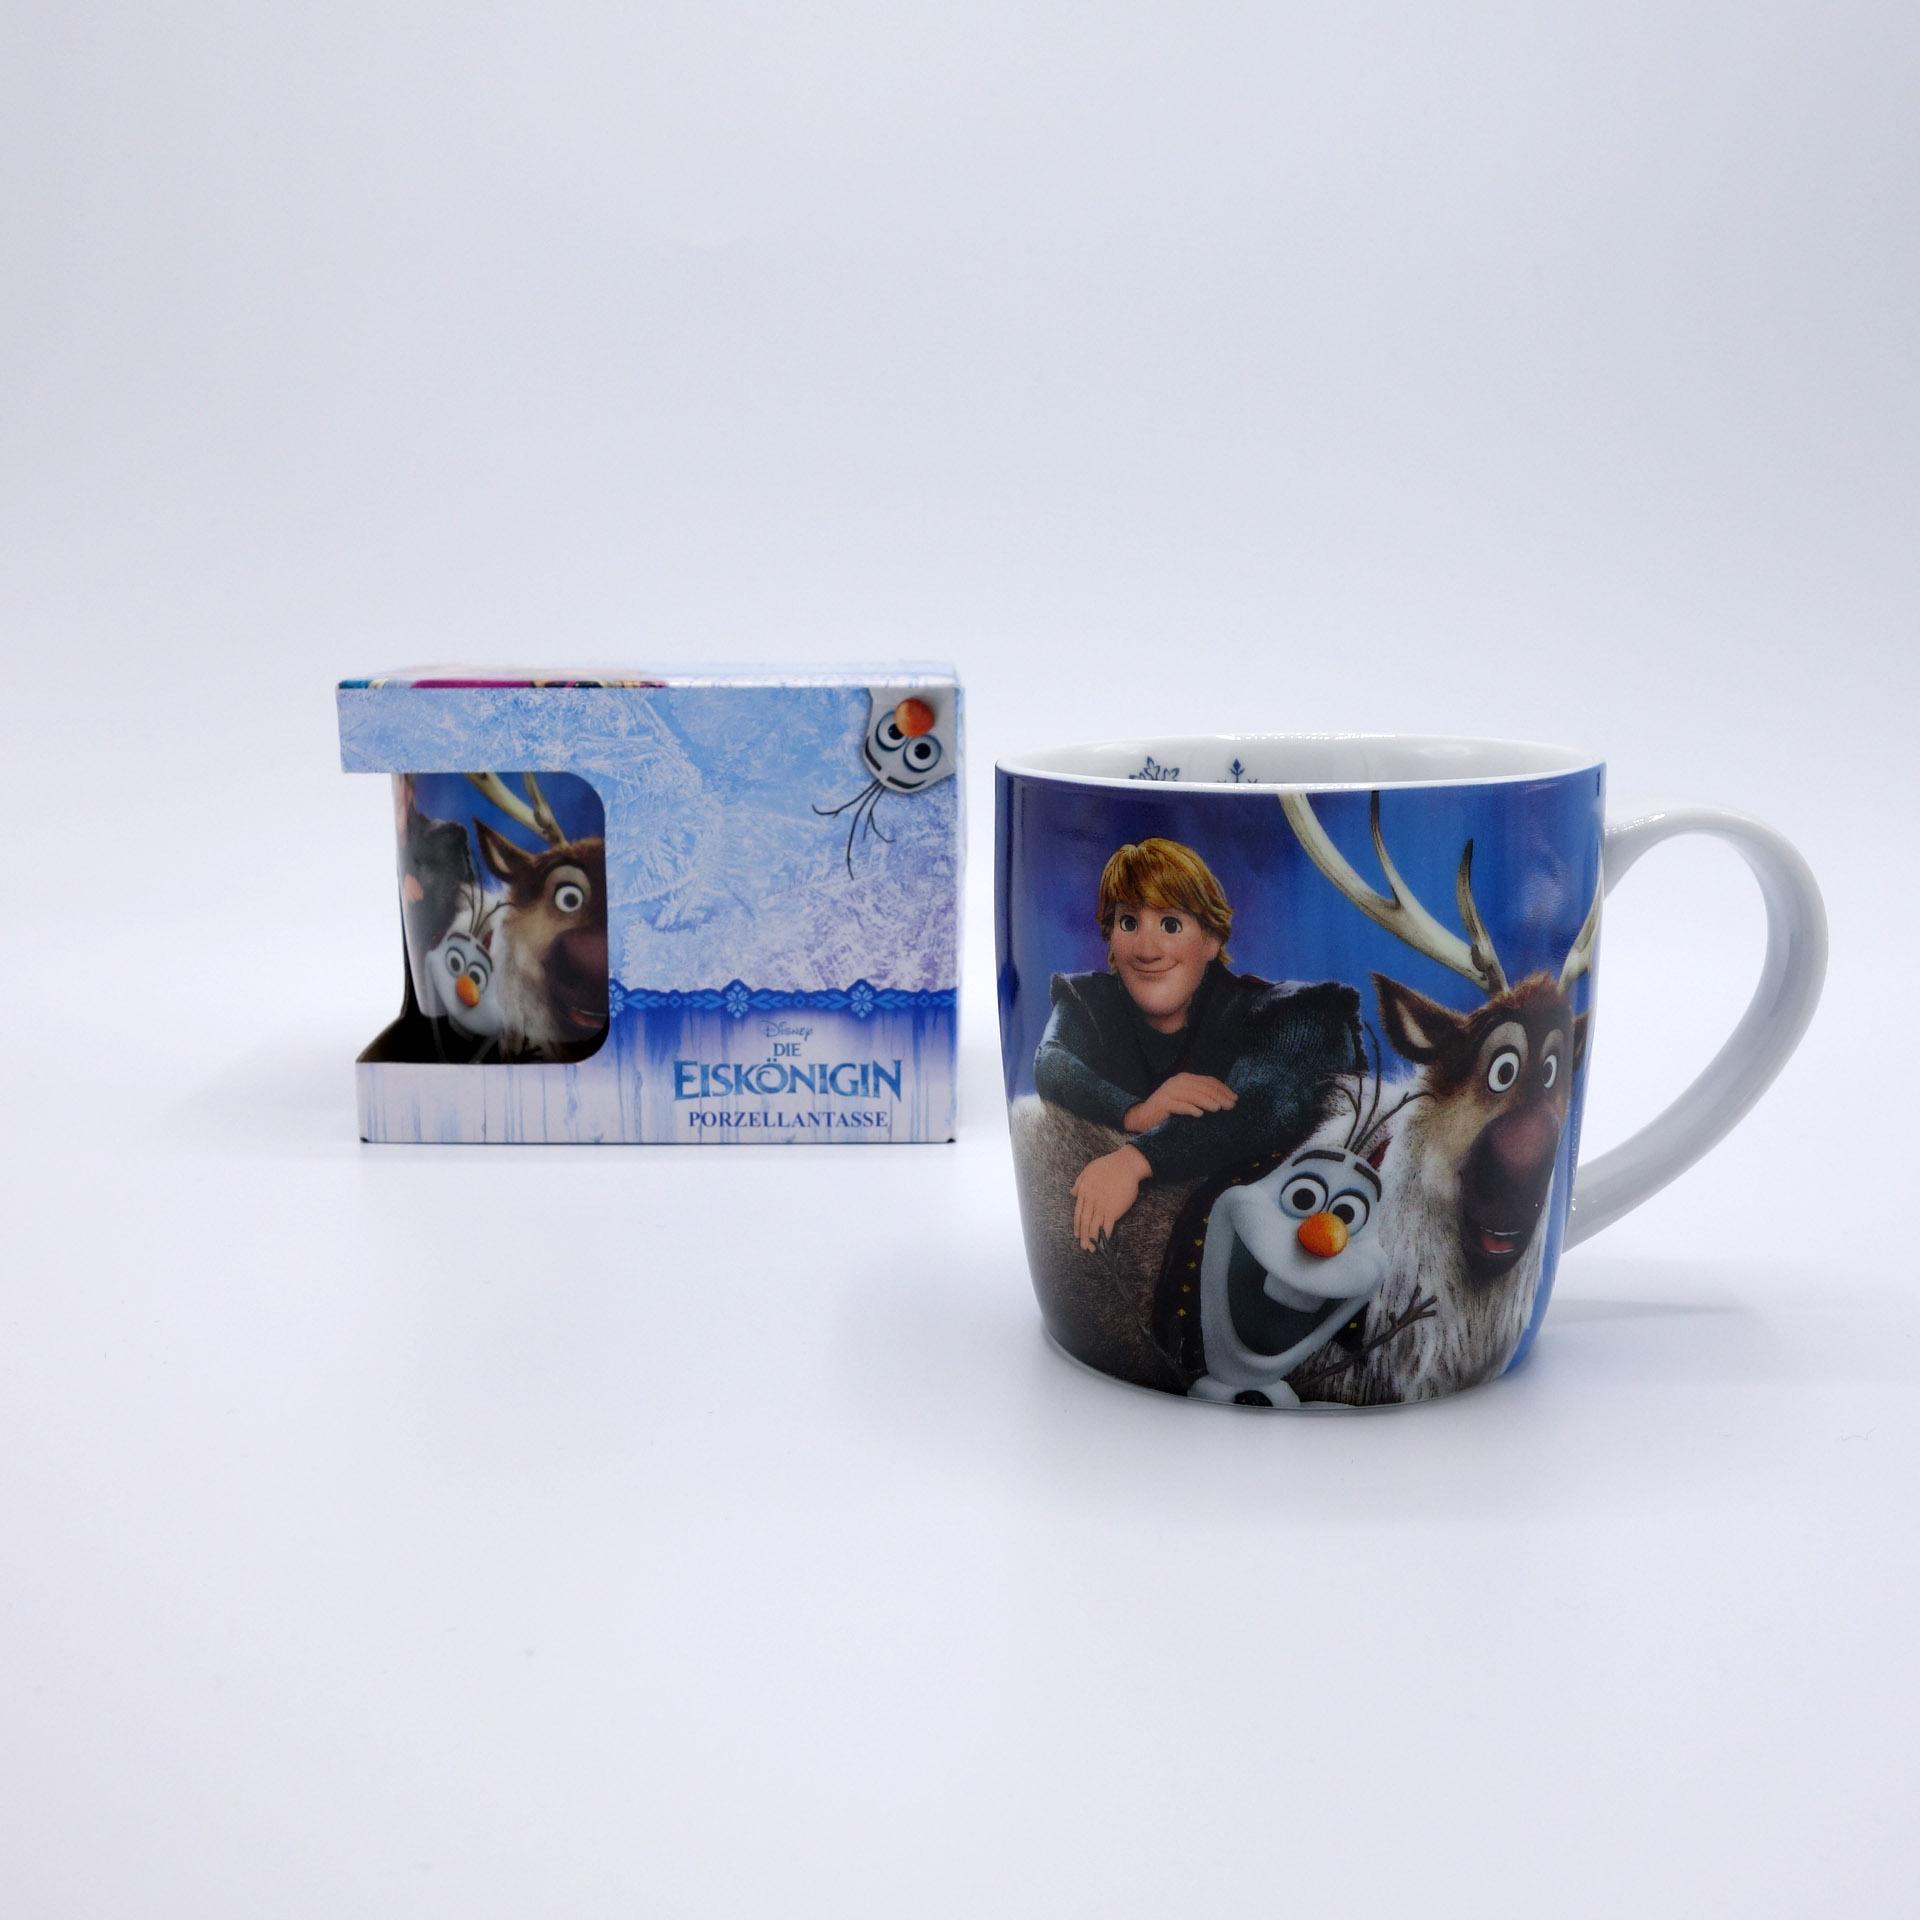 Disney Frozen Die Eiskönigin Tasse Olaf & Sven